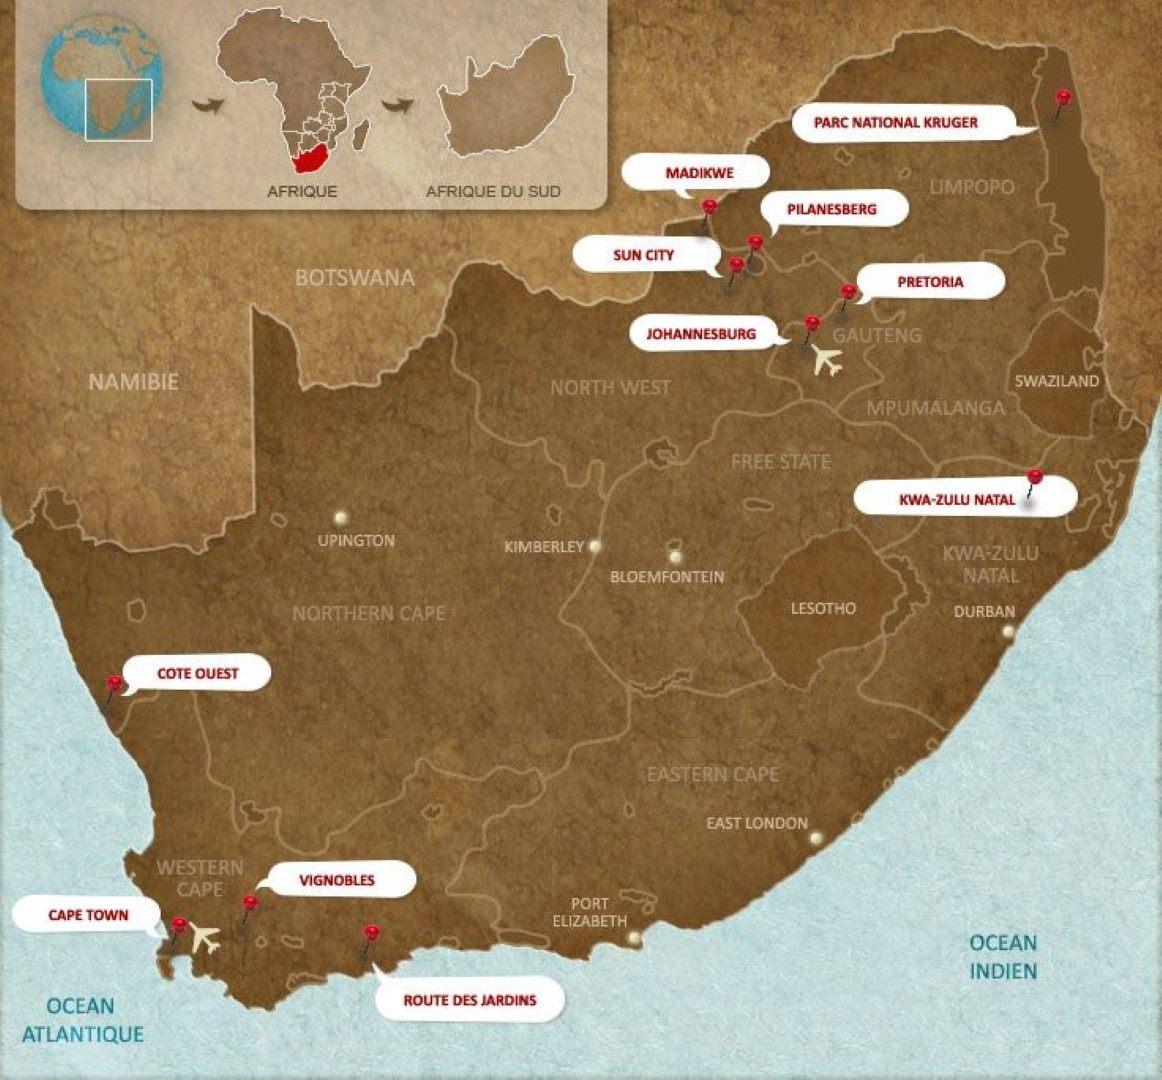 Sites de rencontre à East London Eastern Cape